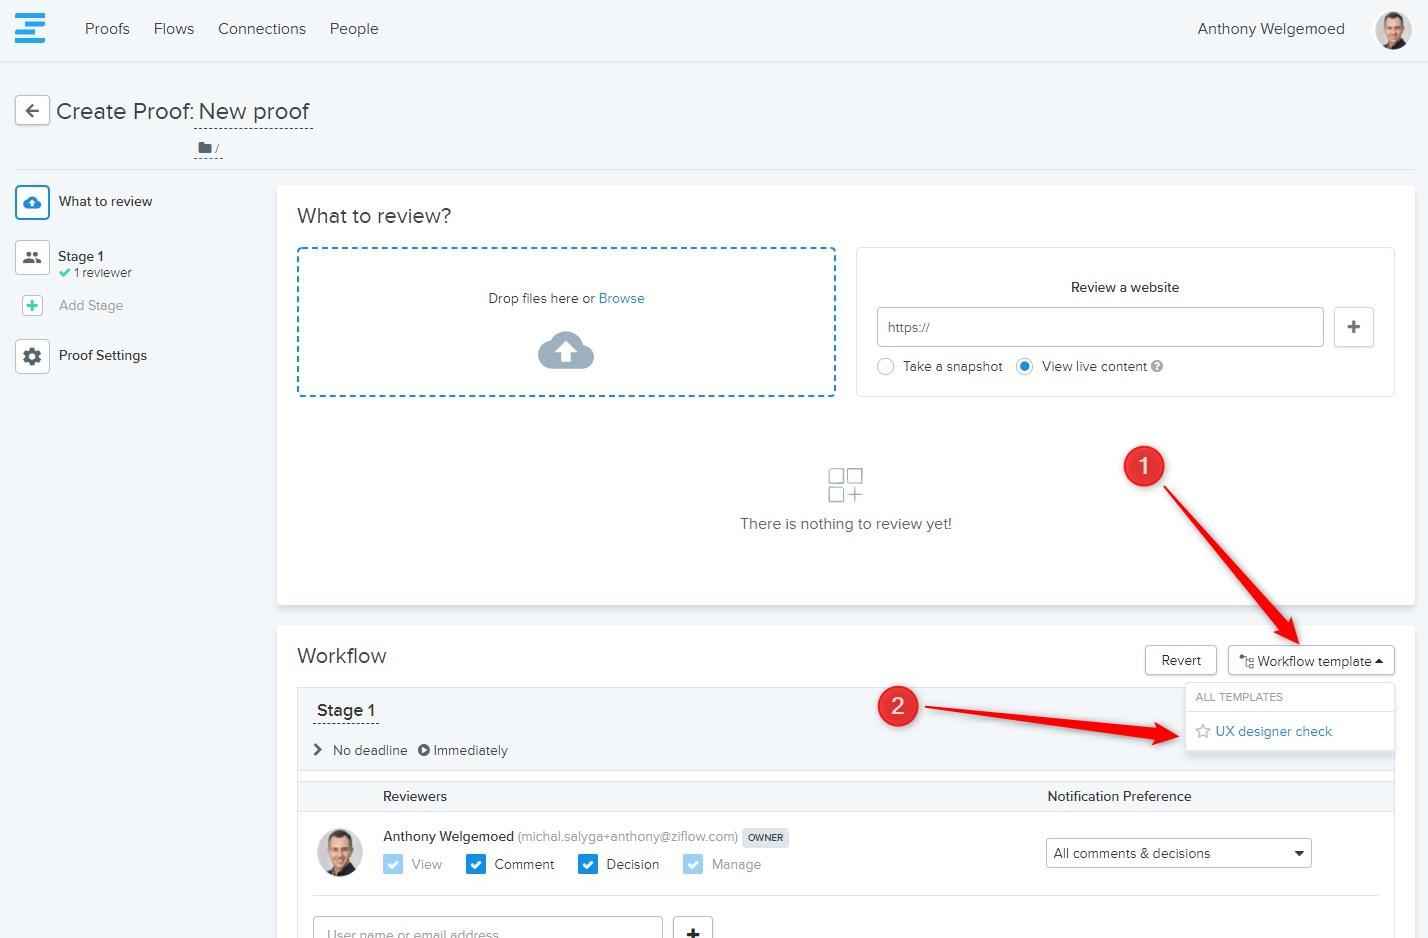 Configuring Workflow Templates Ziflow Help